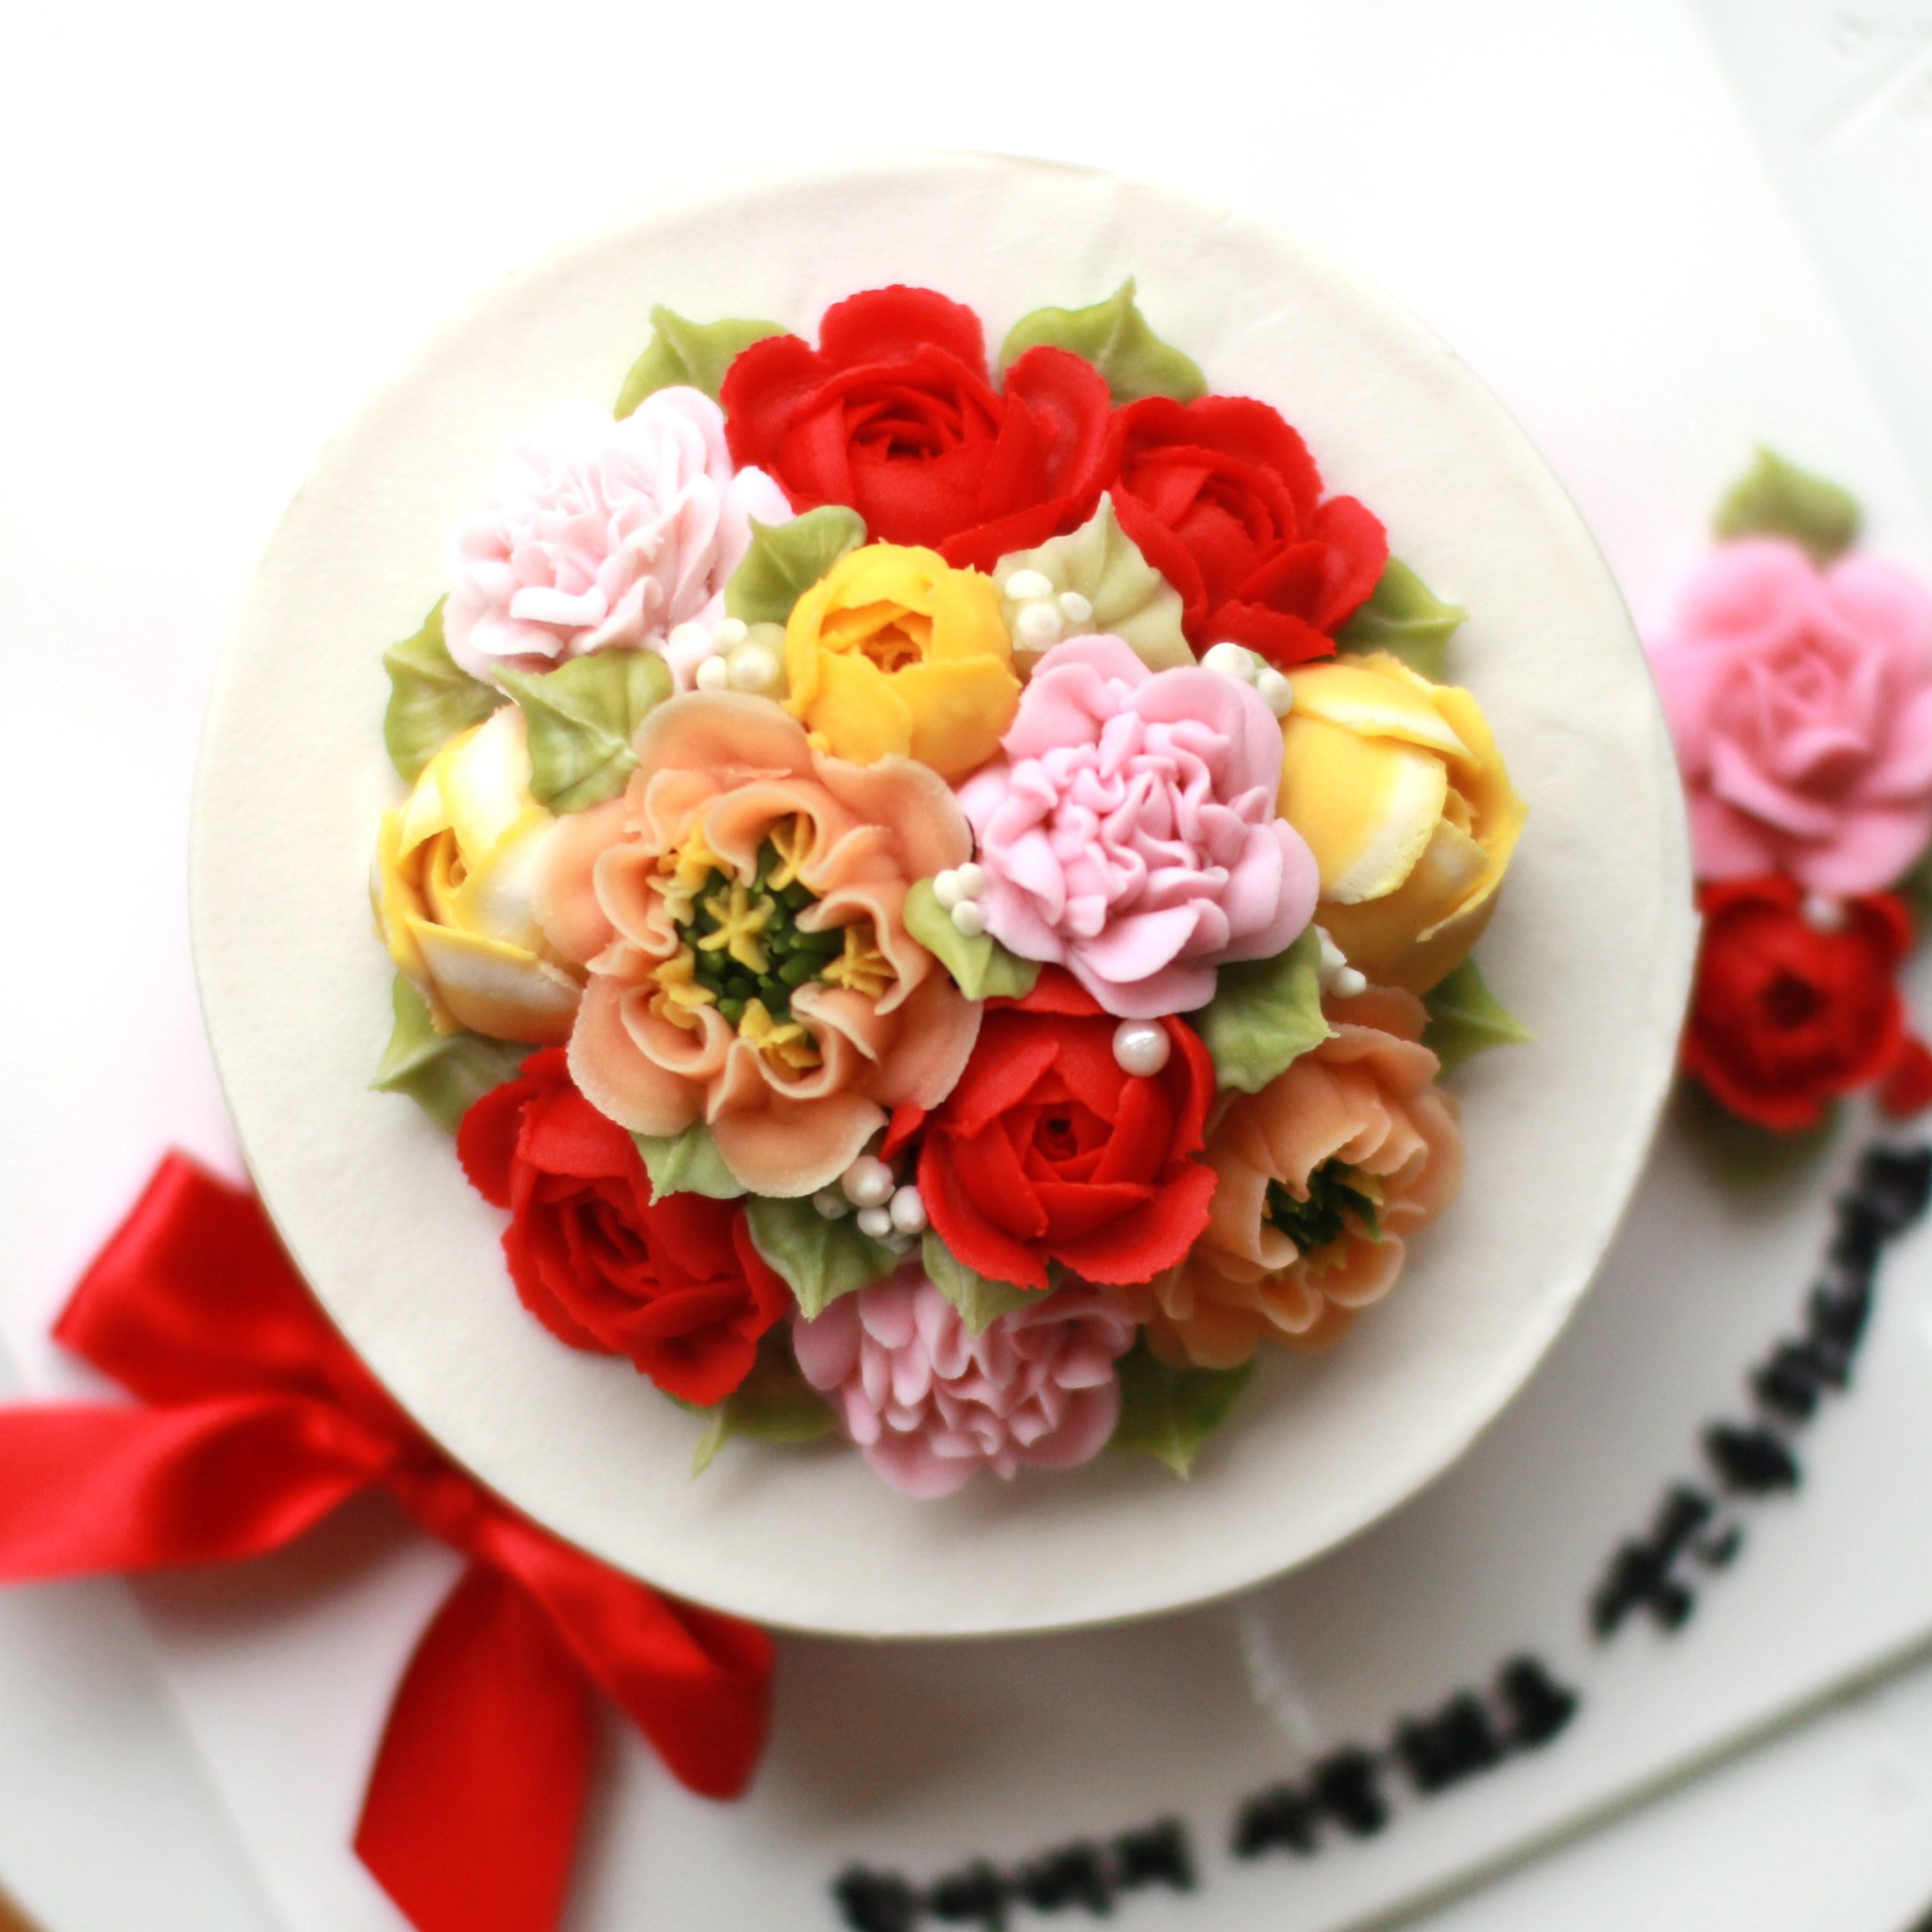 파주 앙금플라워떡케이크 지름 18cm 1호 떡케이크, 백설기(견과류+크렌베리)